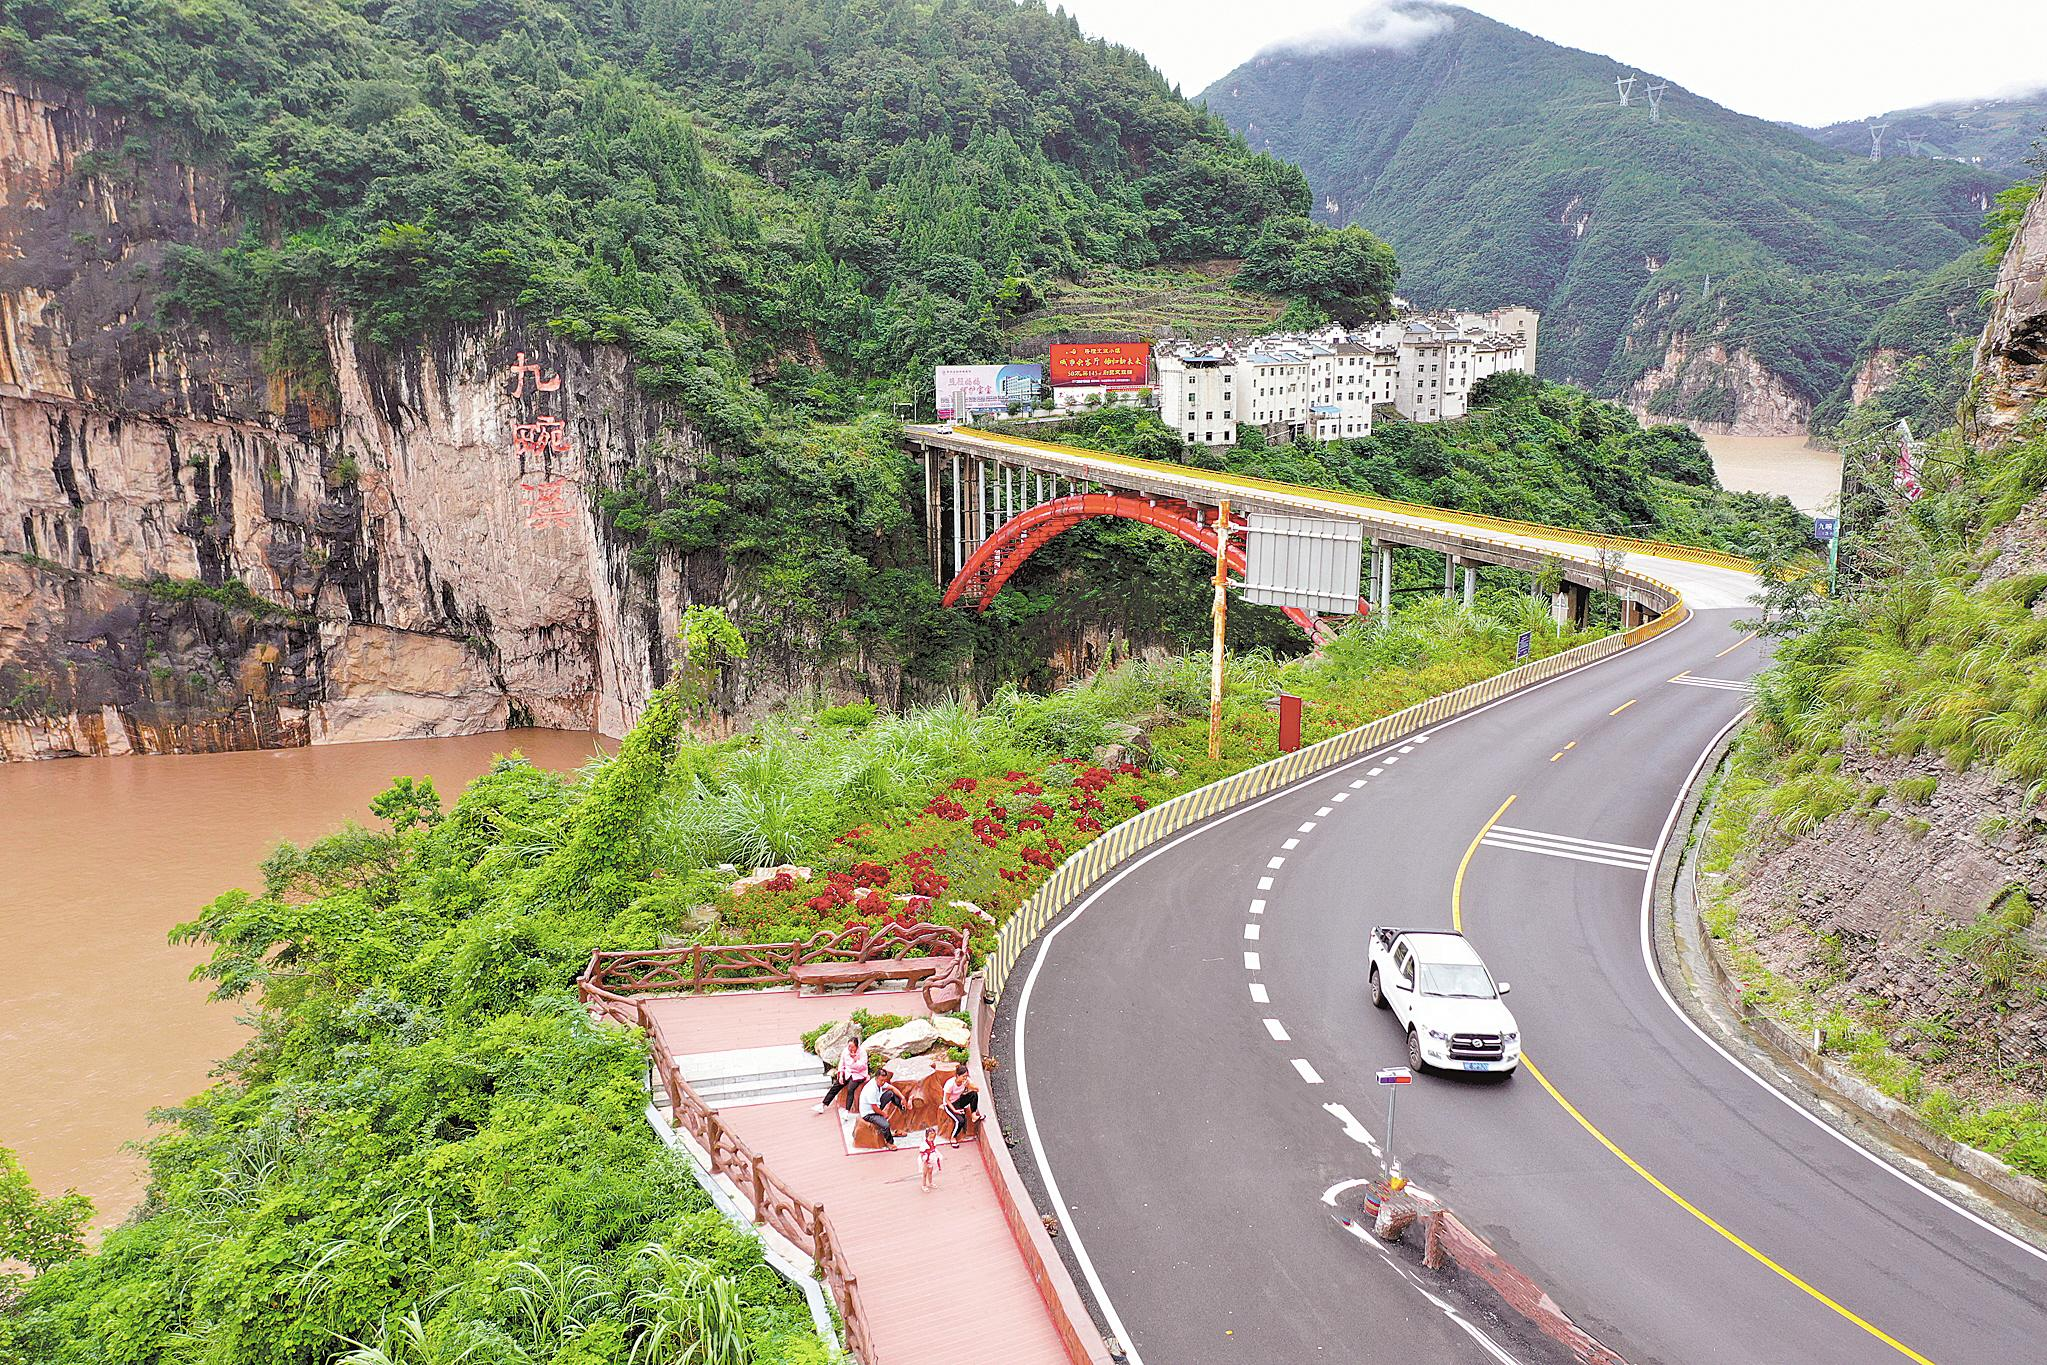 http://www.k2summit.cn/lvyouxiuxian/2911668.html